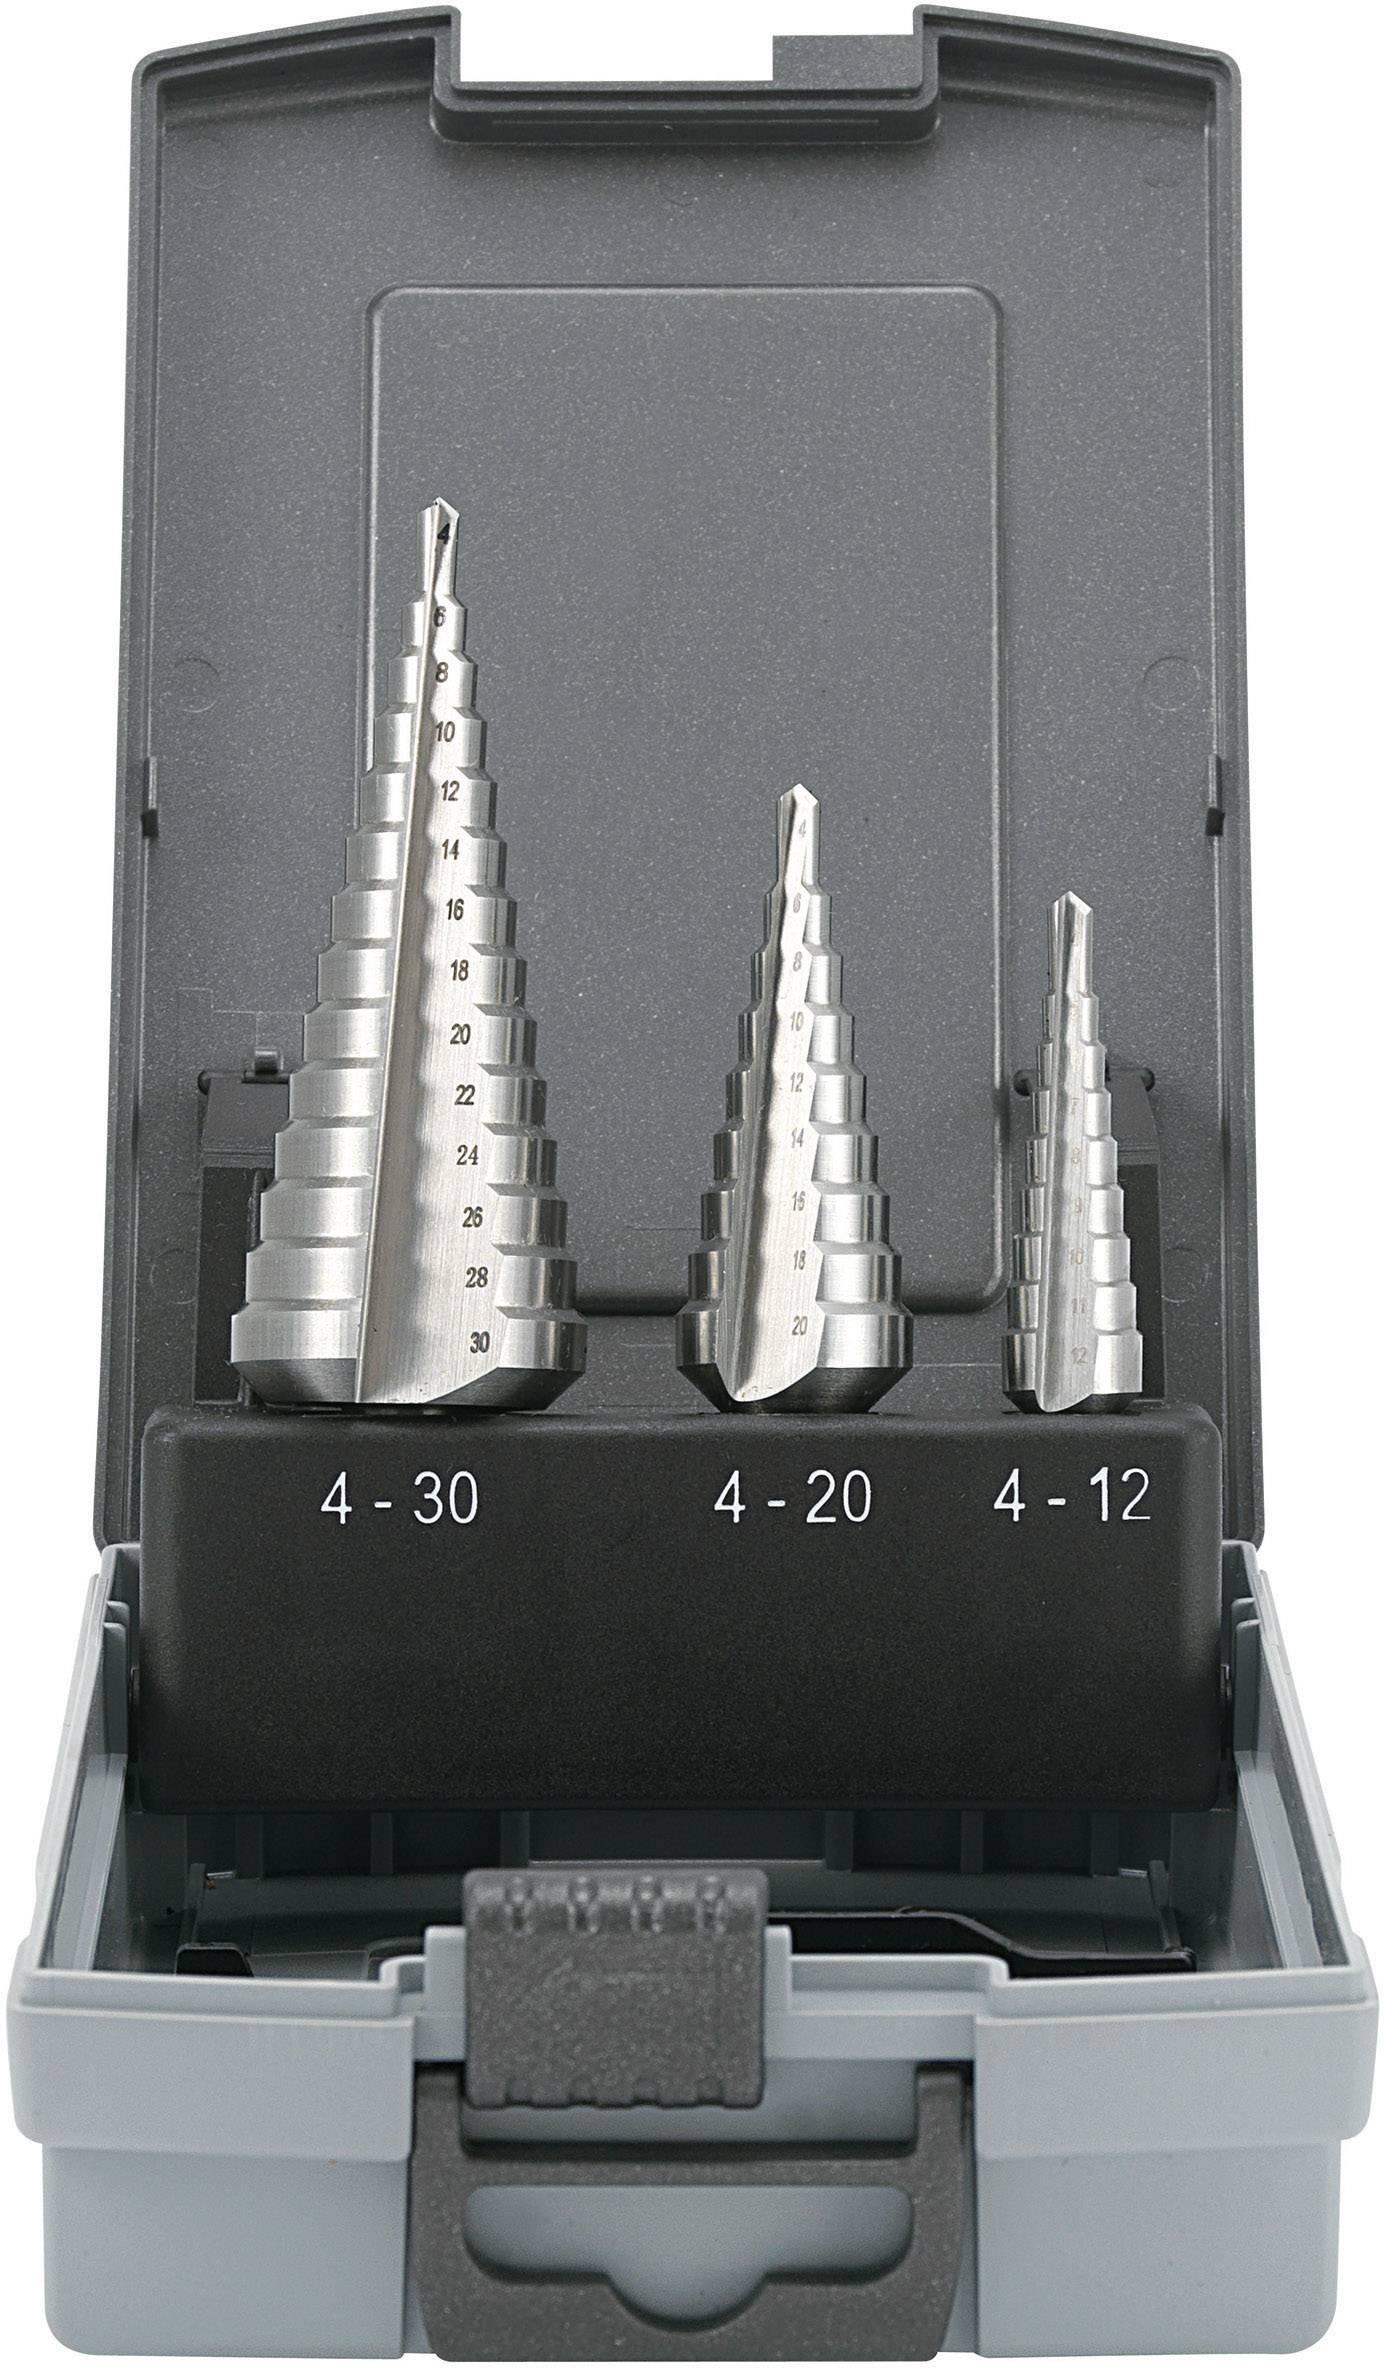 HSS sada stupňovitých vrtákov 3-dielna TOOLCRAFT 821395, 4 - 12 mm, 4 - 20 mm, 6 - 30 mm, valcová stopka, 1 sada